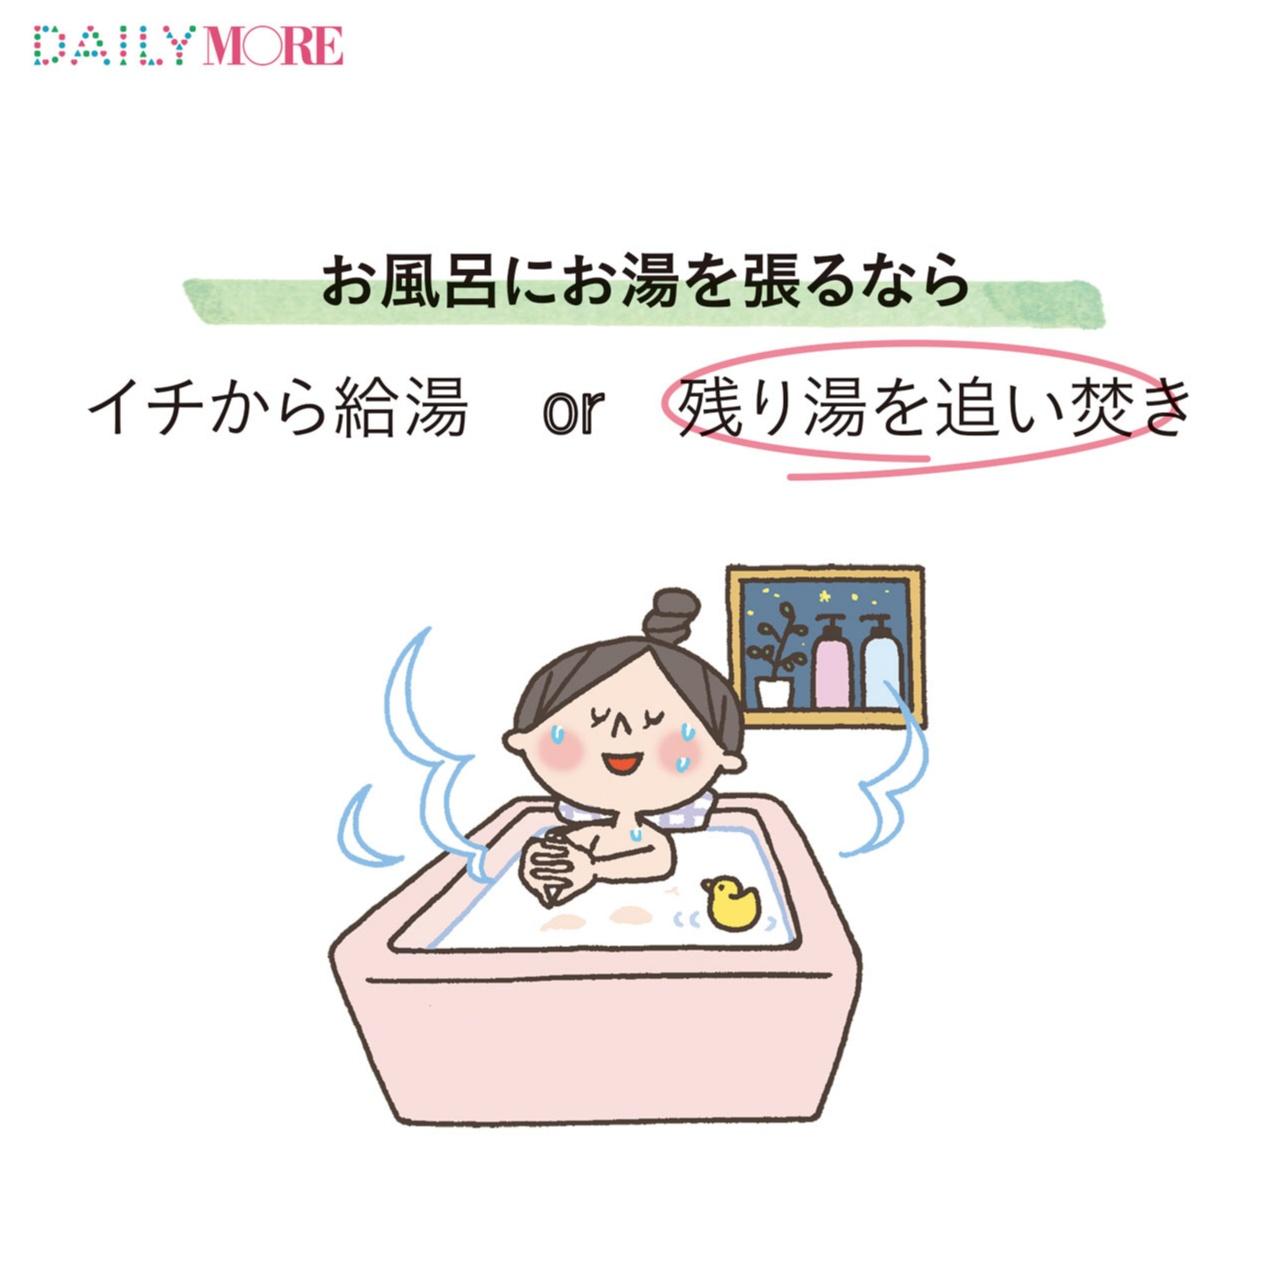 冷暖房はつけっぱなしのほうが節約に!? おうちLIFEの「日々のチリツモ★オトク検定」_3